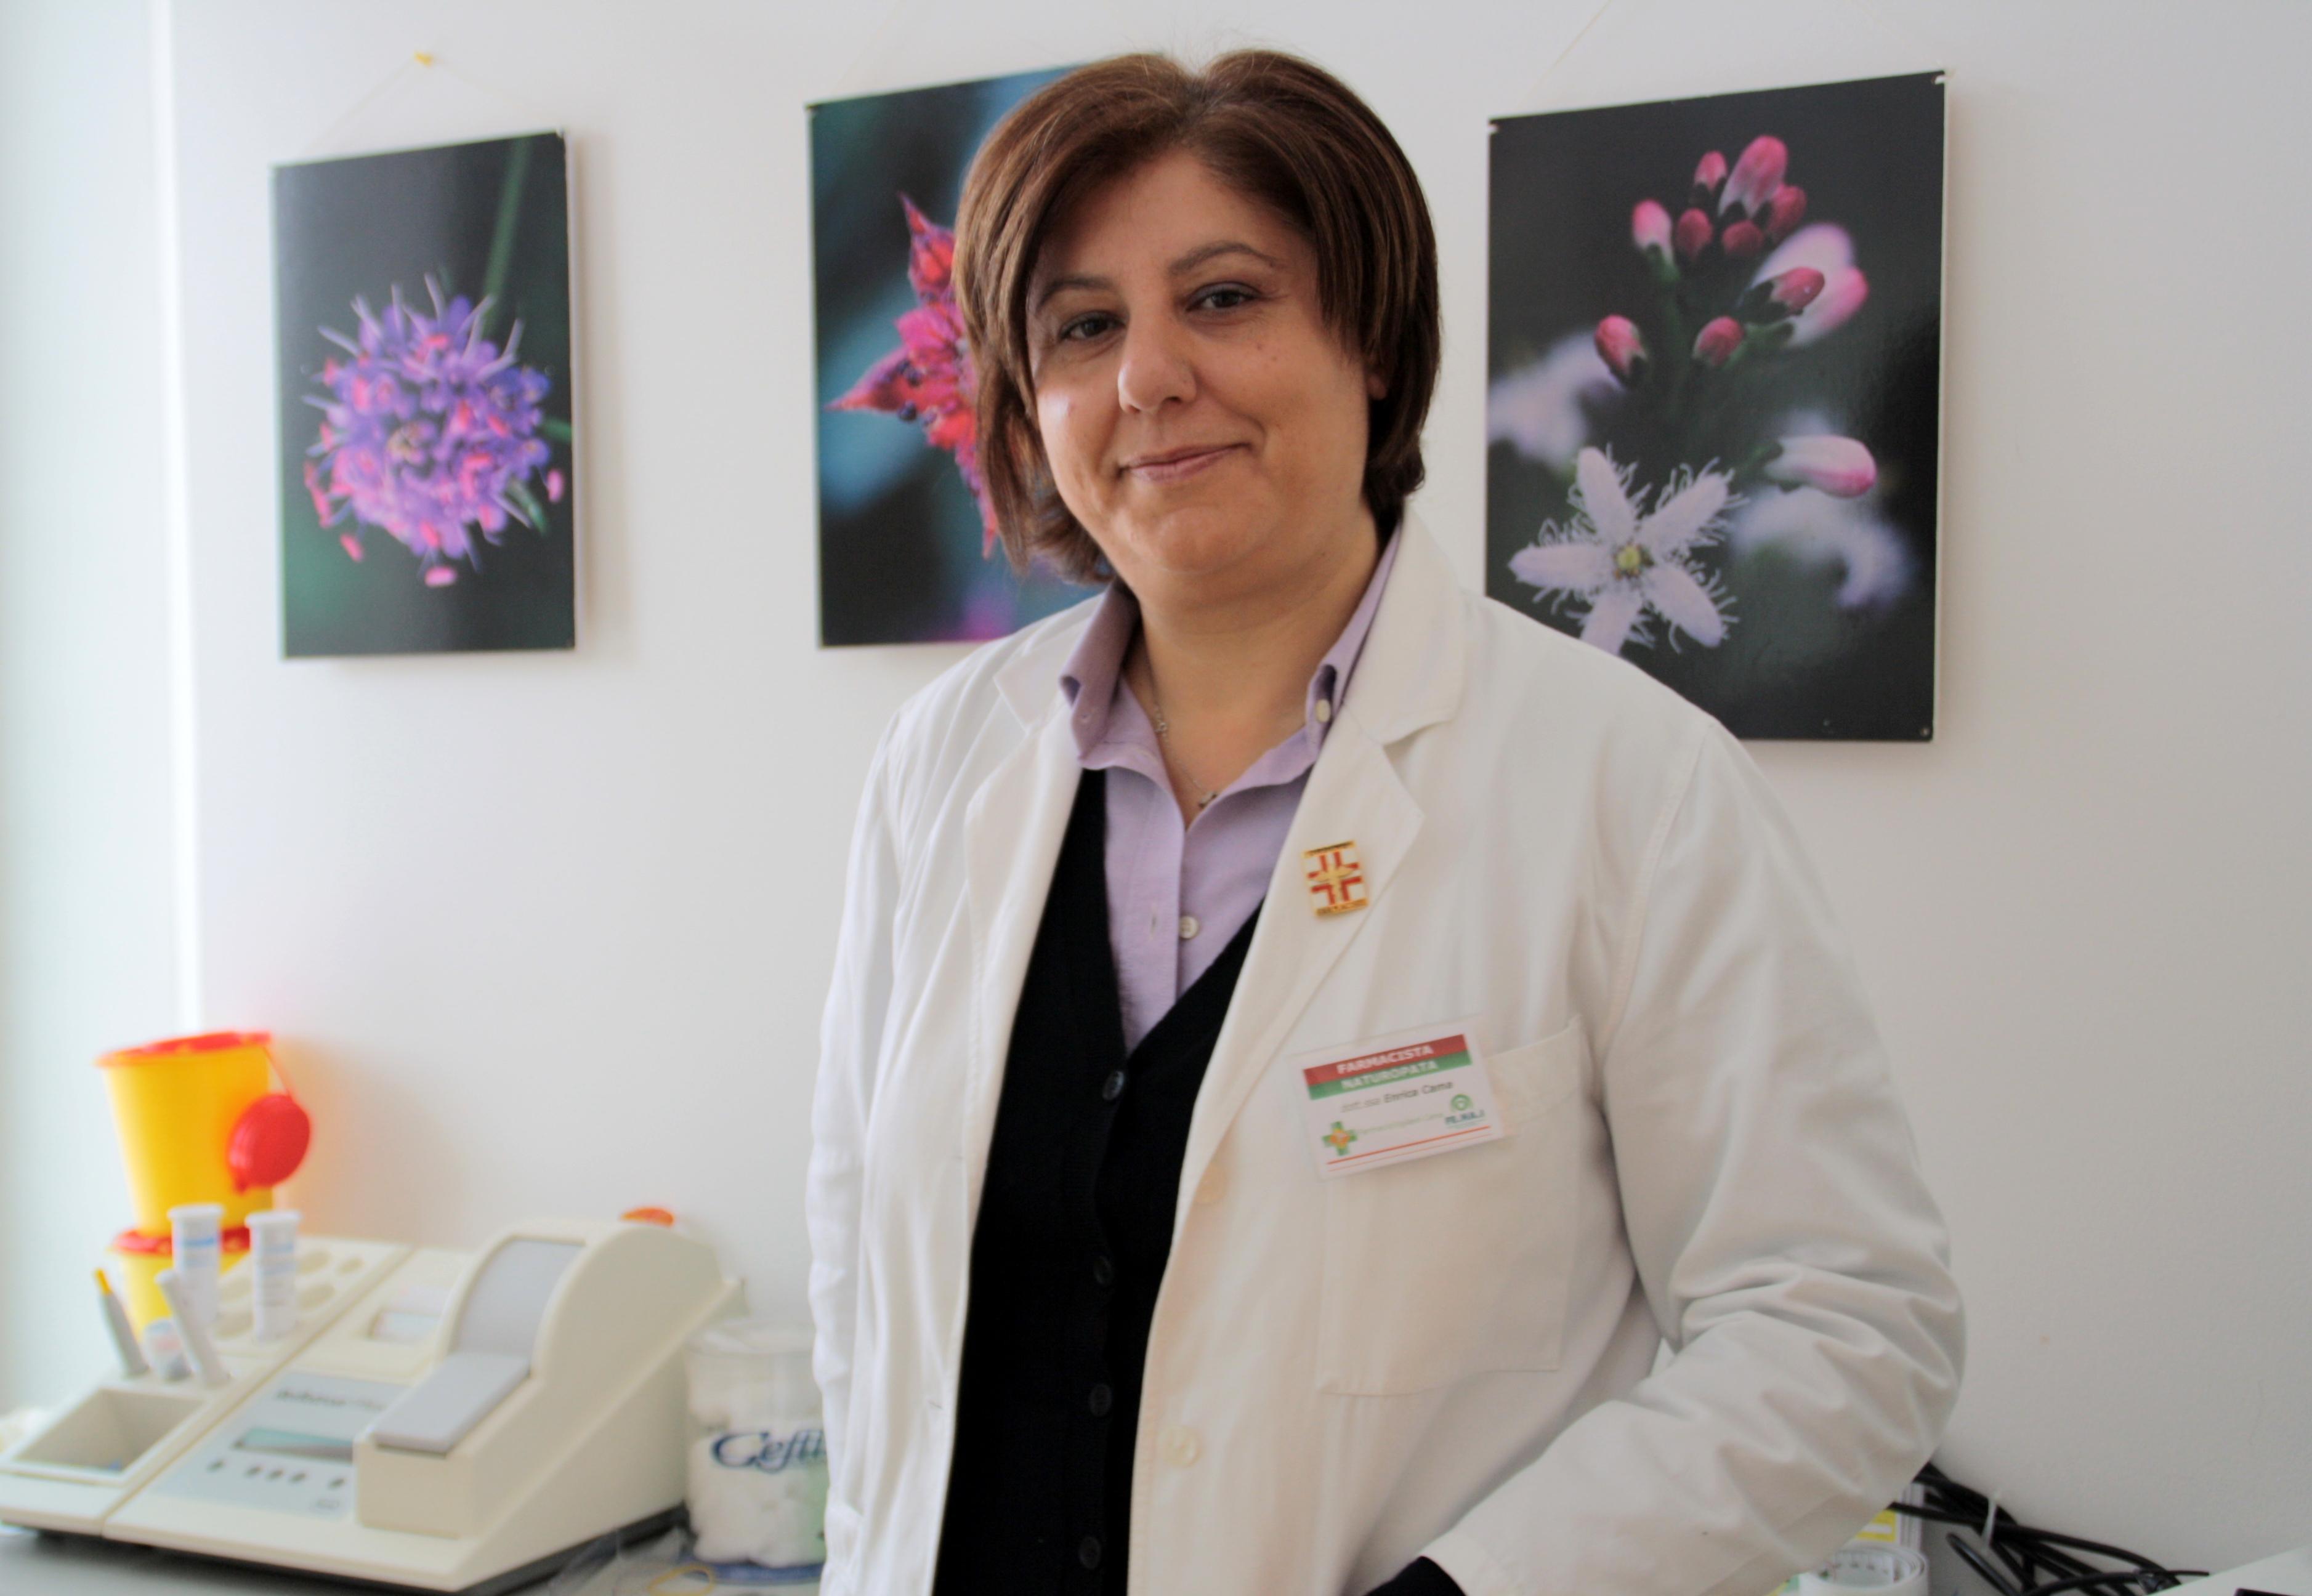 dott.ssa Enrica Cama